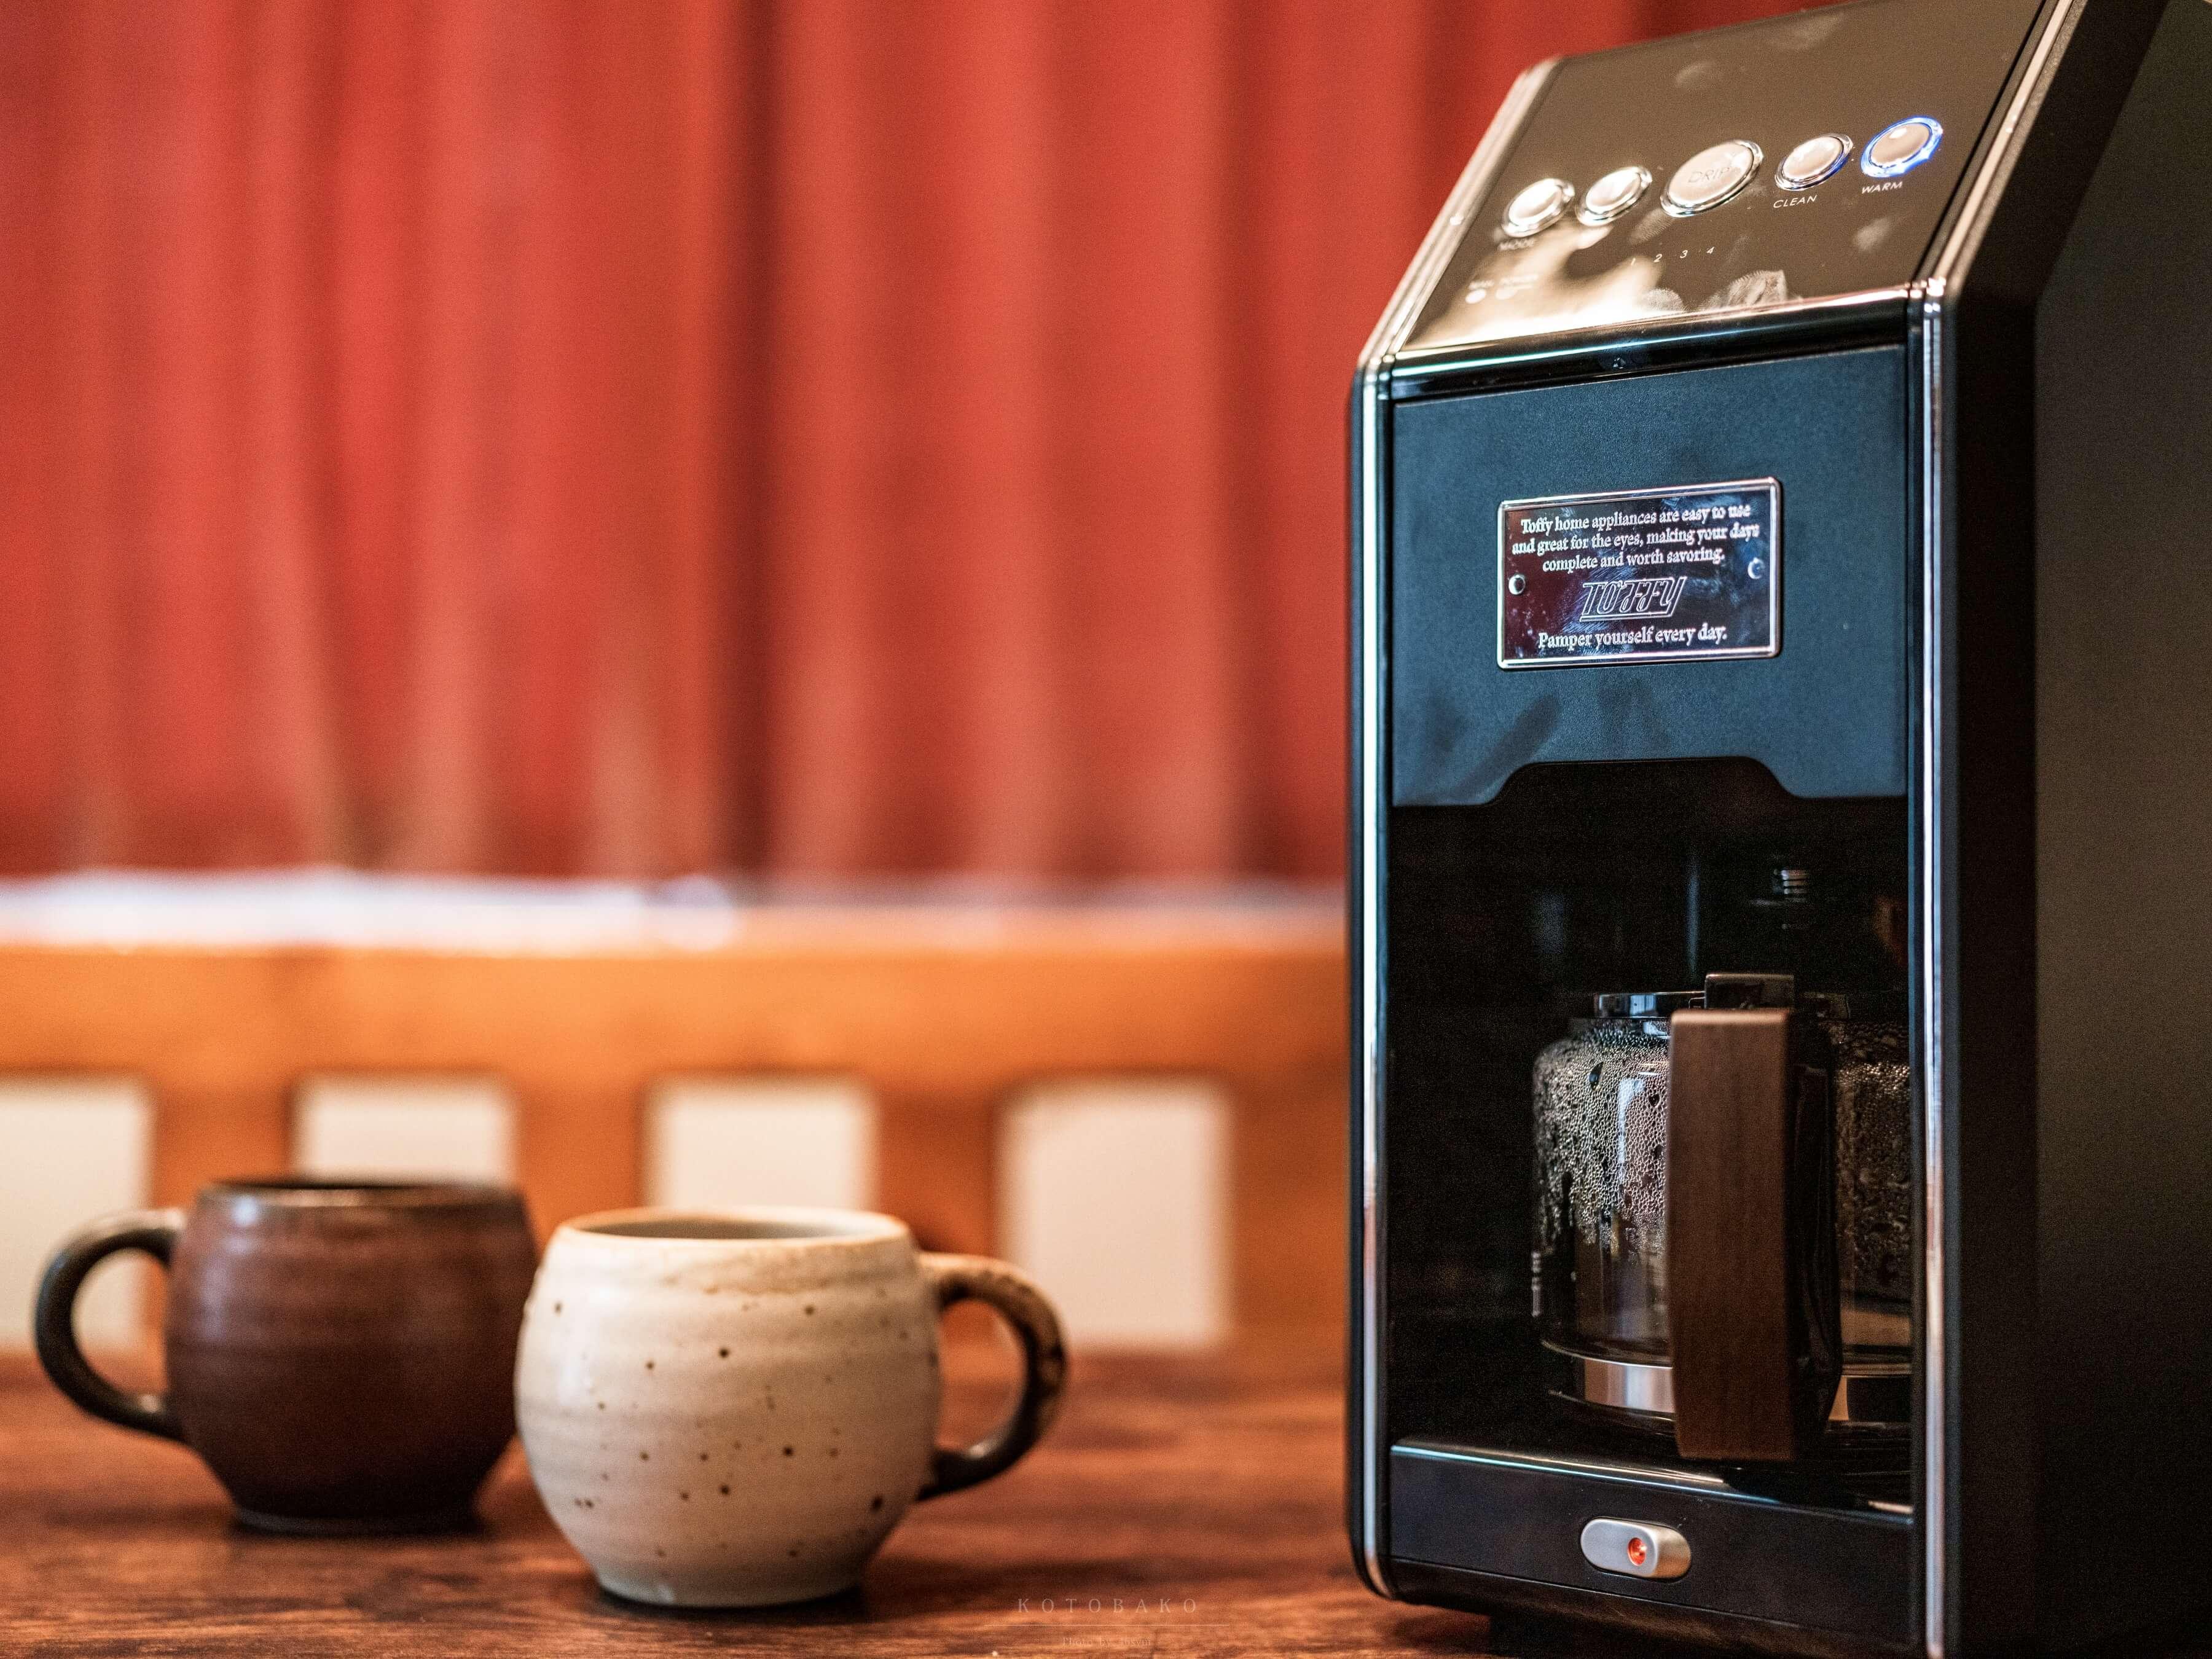 ラドンナのコーヒーメーカー Toffy(K-CM4-RB)が全自動でミル付でおしゃれで嬉しい